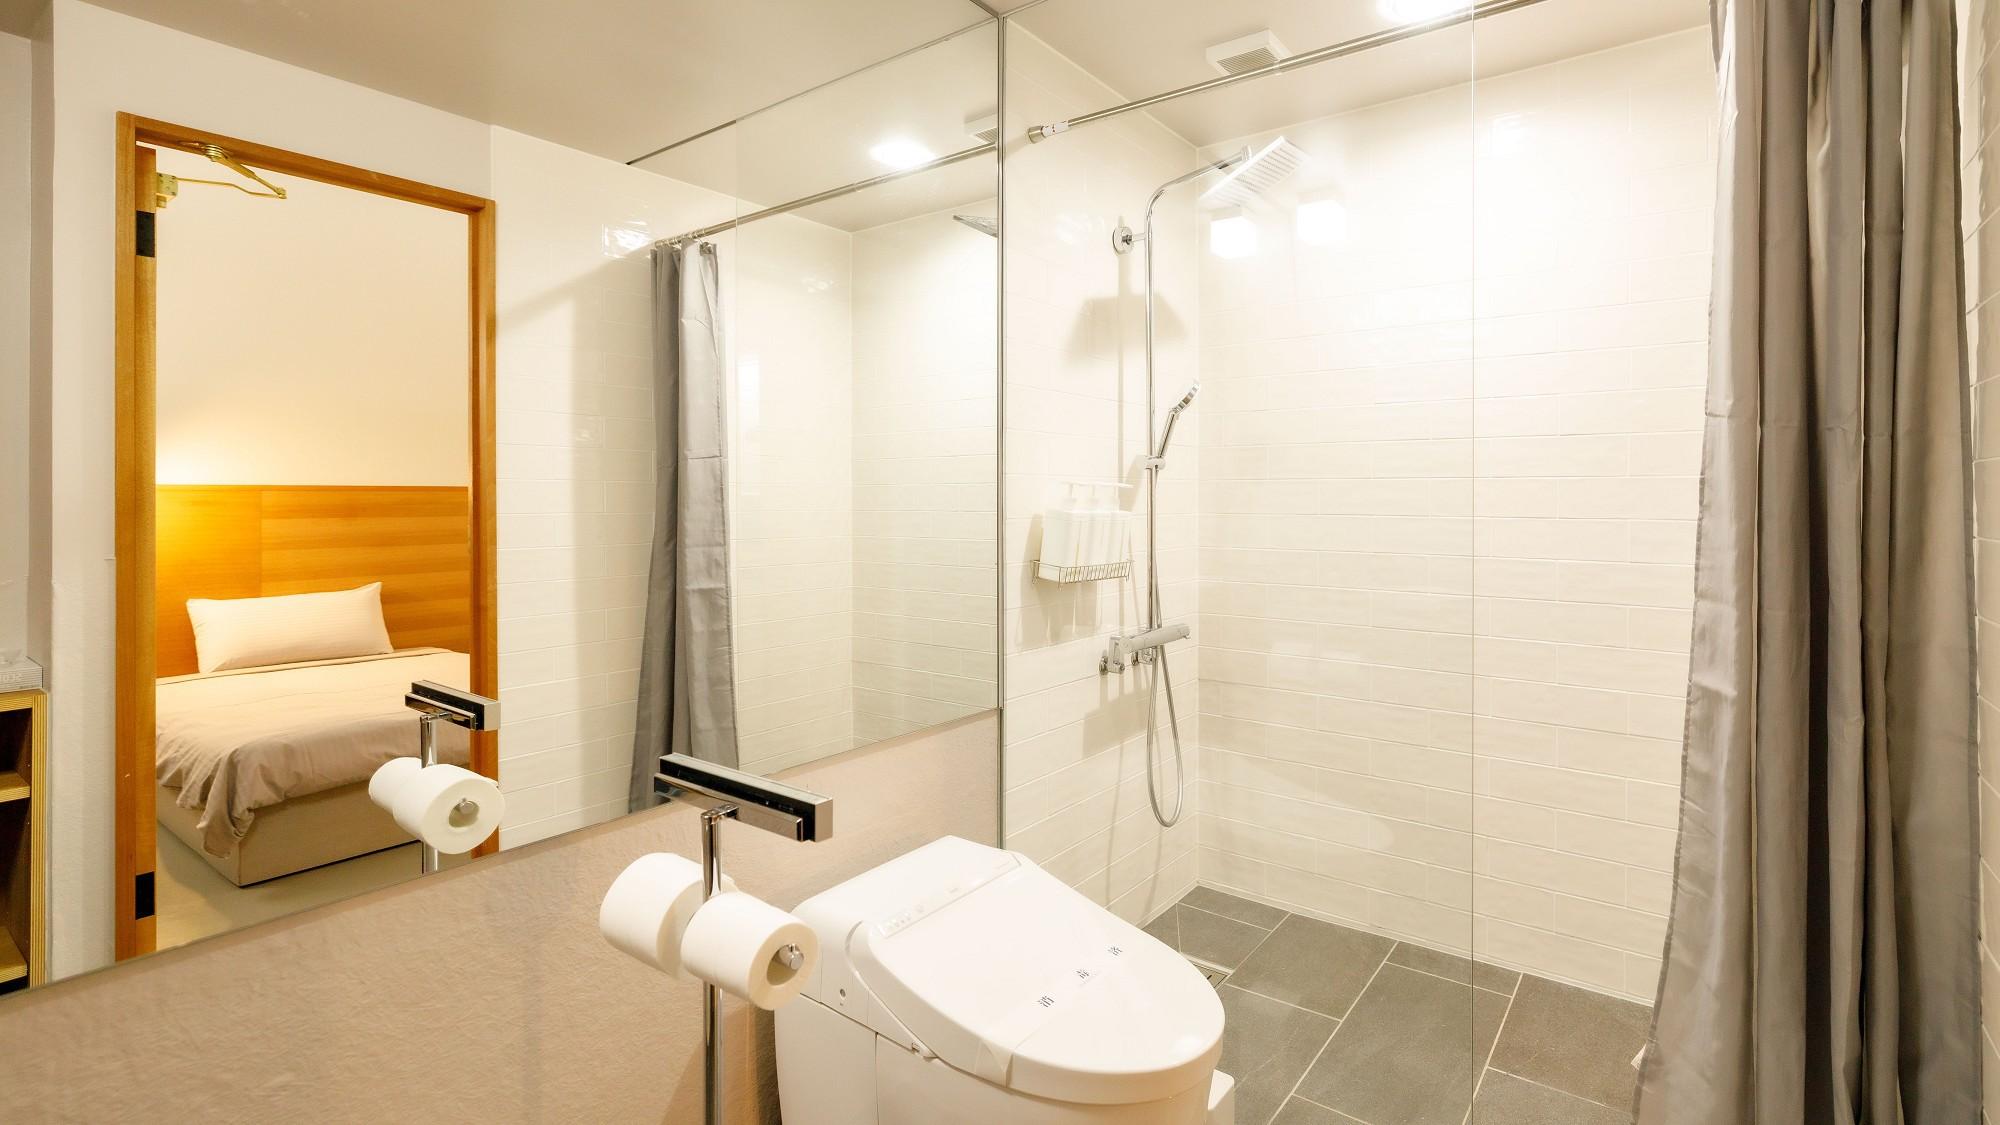 【デラックスツイン】広々とした浴室にはレインシャワーが備え付けられており、旅の疲れを癒してくれます